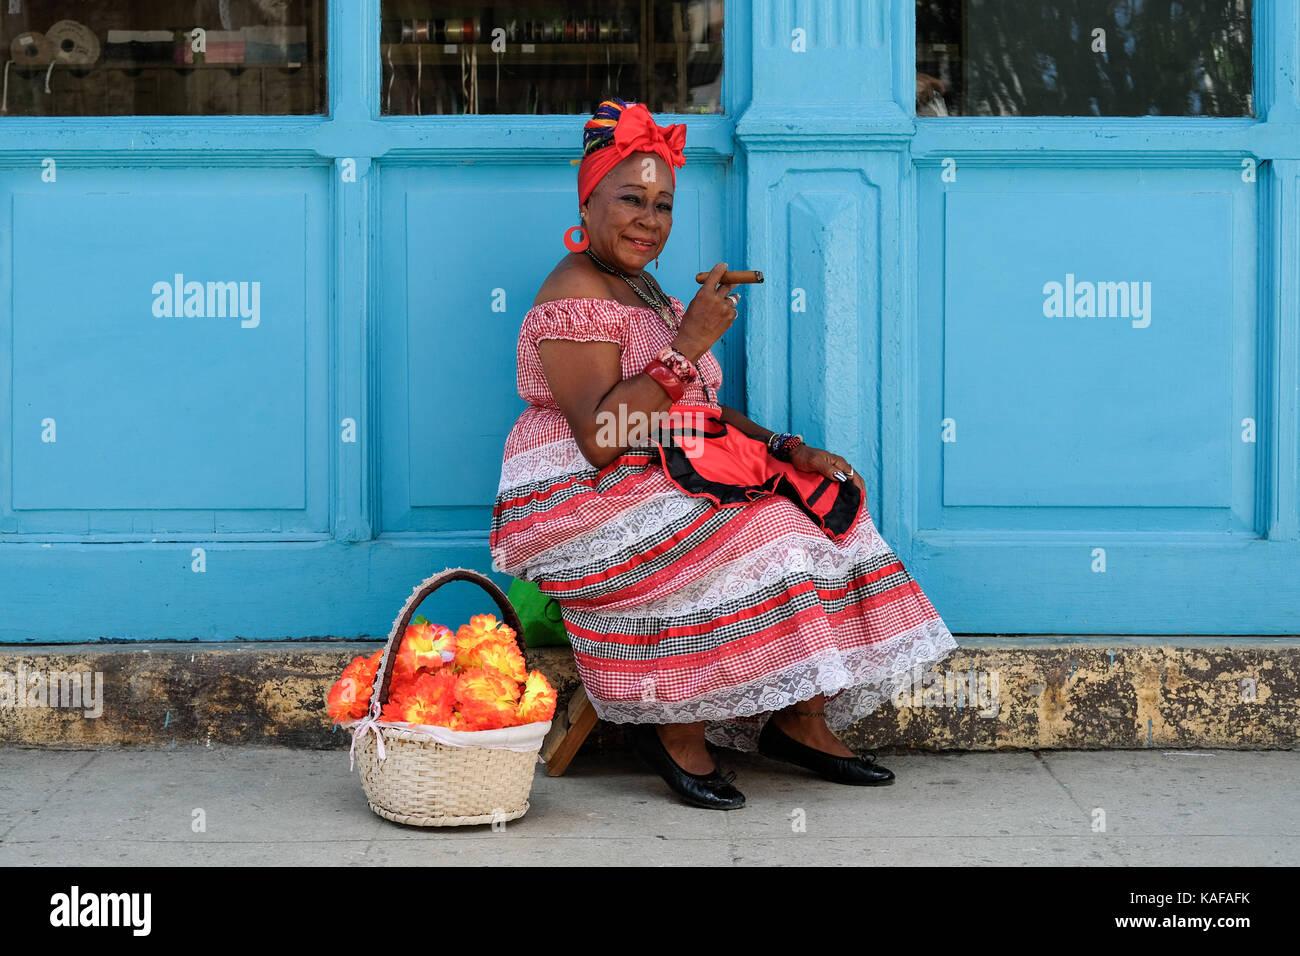 Une femme habillée de couleurs vives en vêtements traditionnels cubains se trouve dans les rues de la Photo Stock